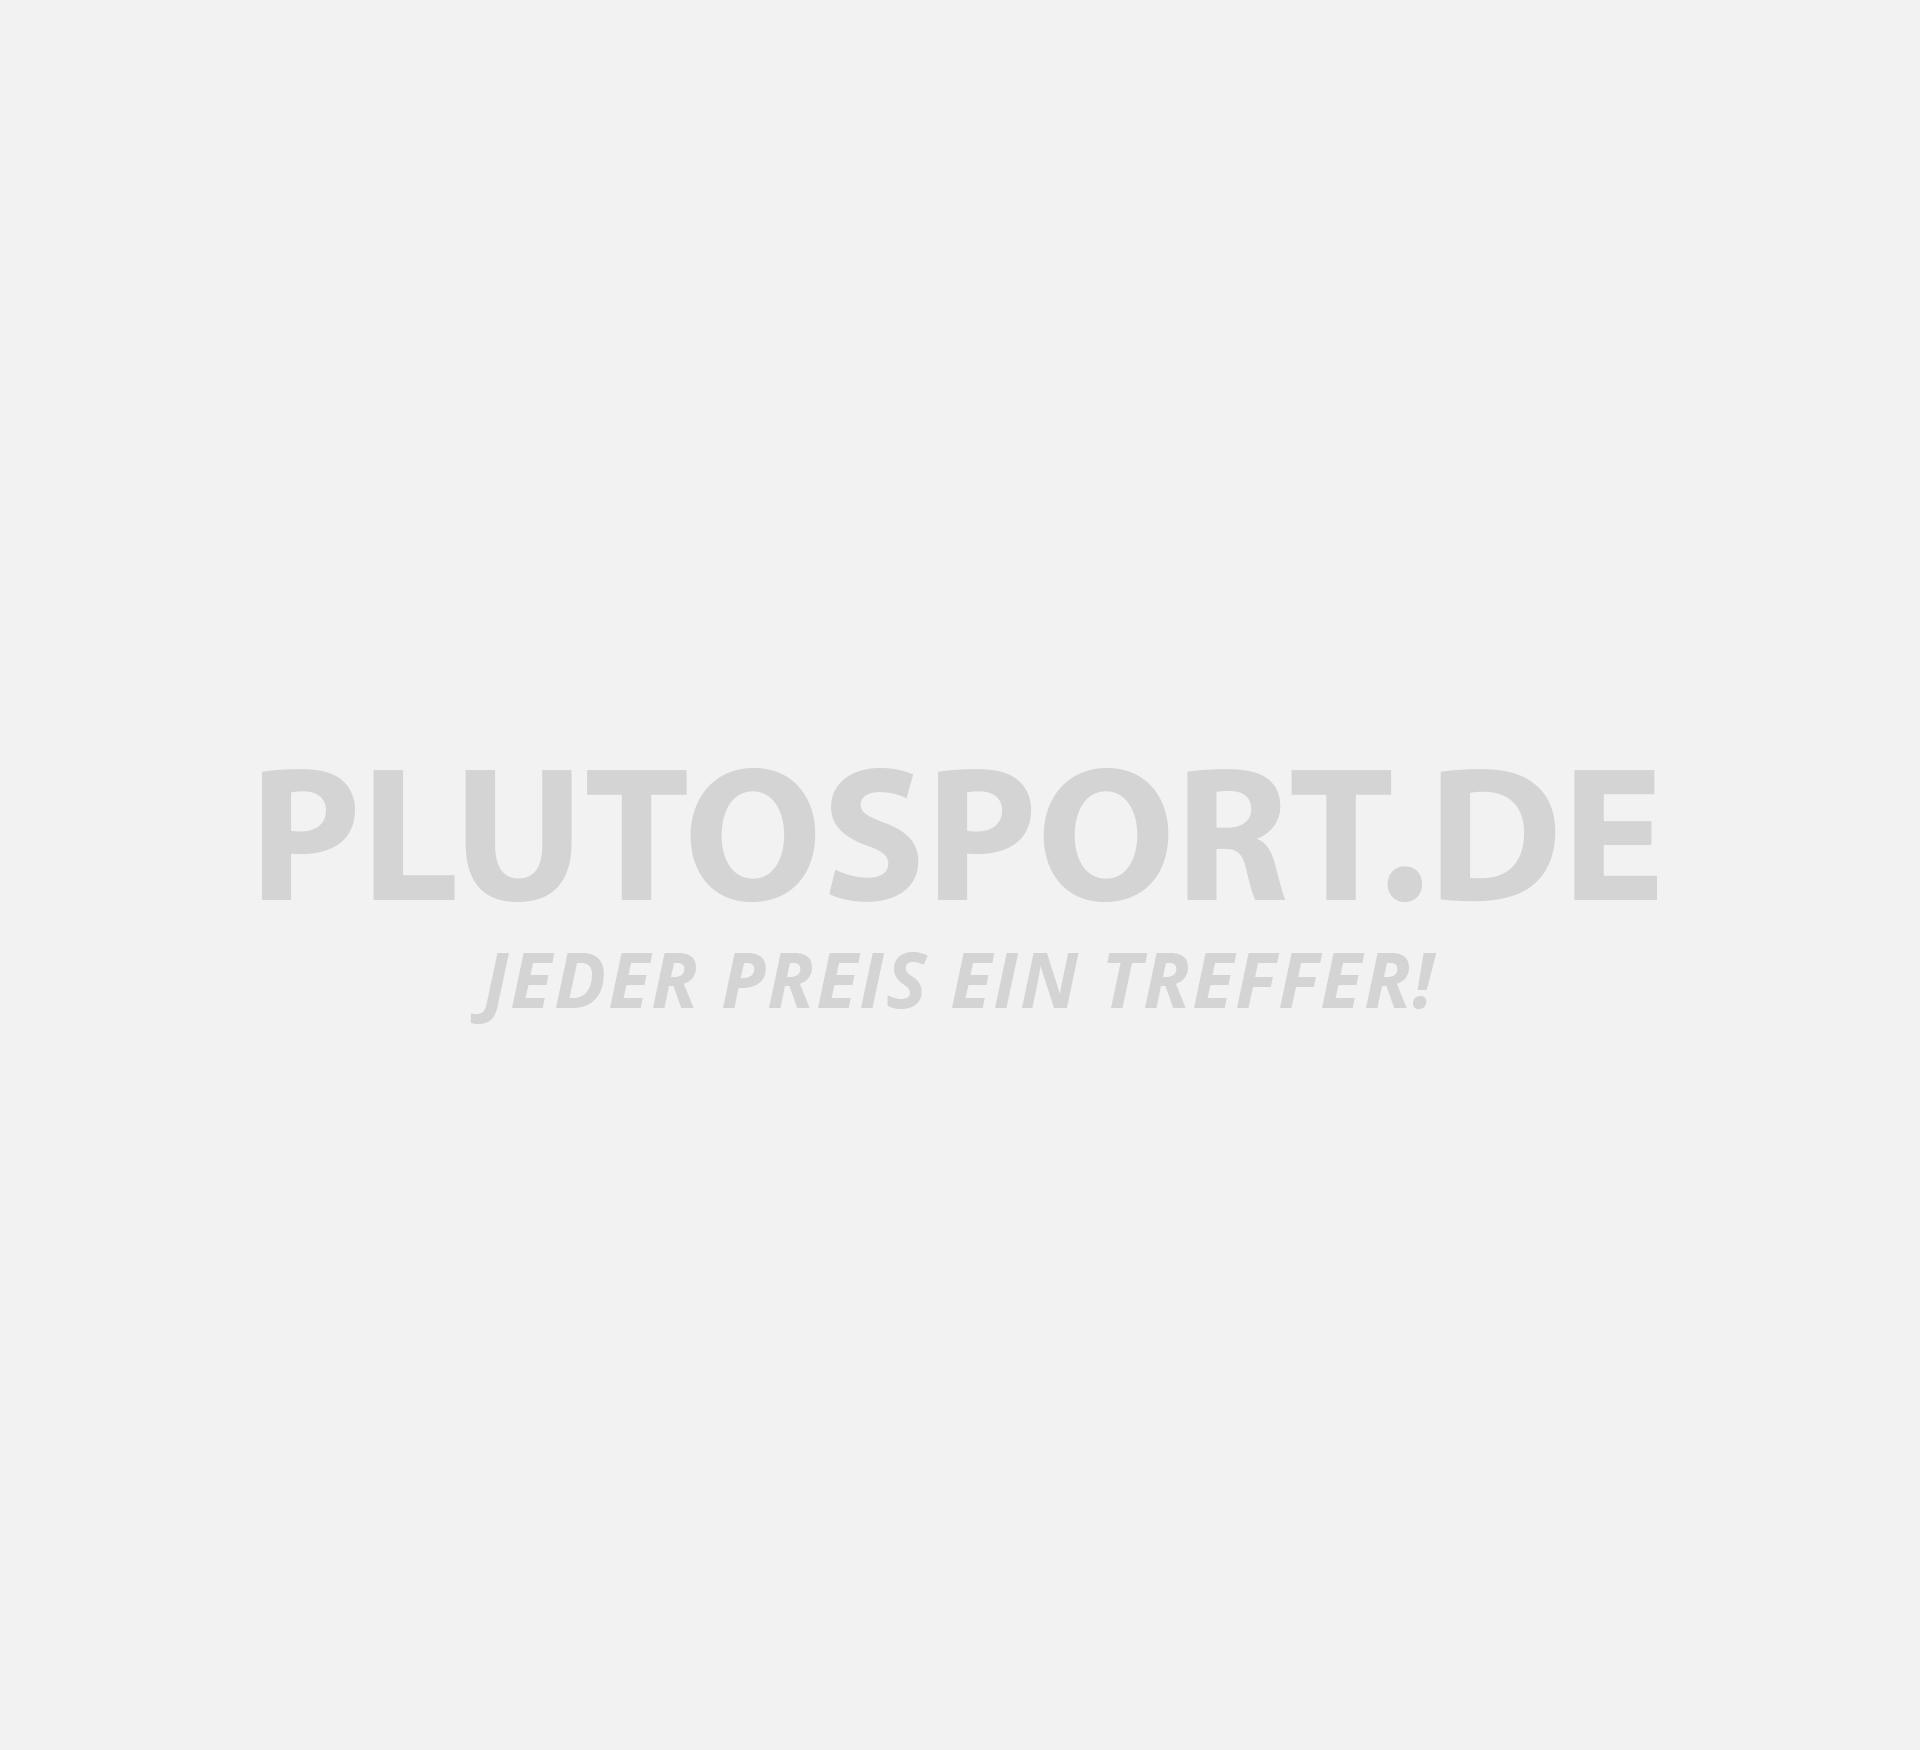 Reusch Attrakt Freegel Silver Torwarthandschuhe Senior